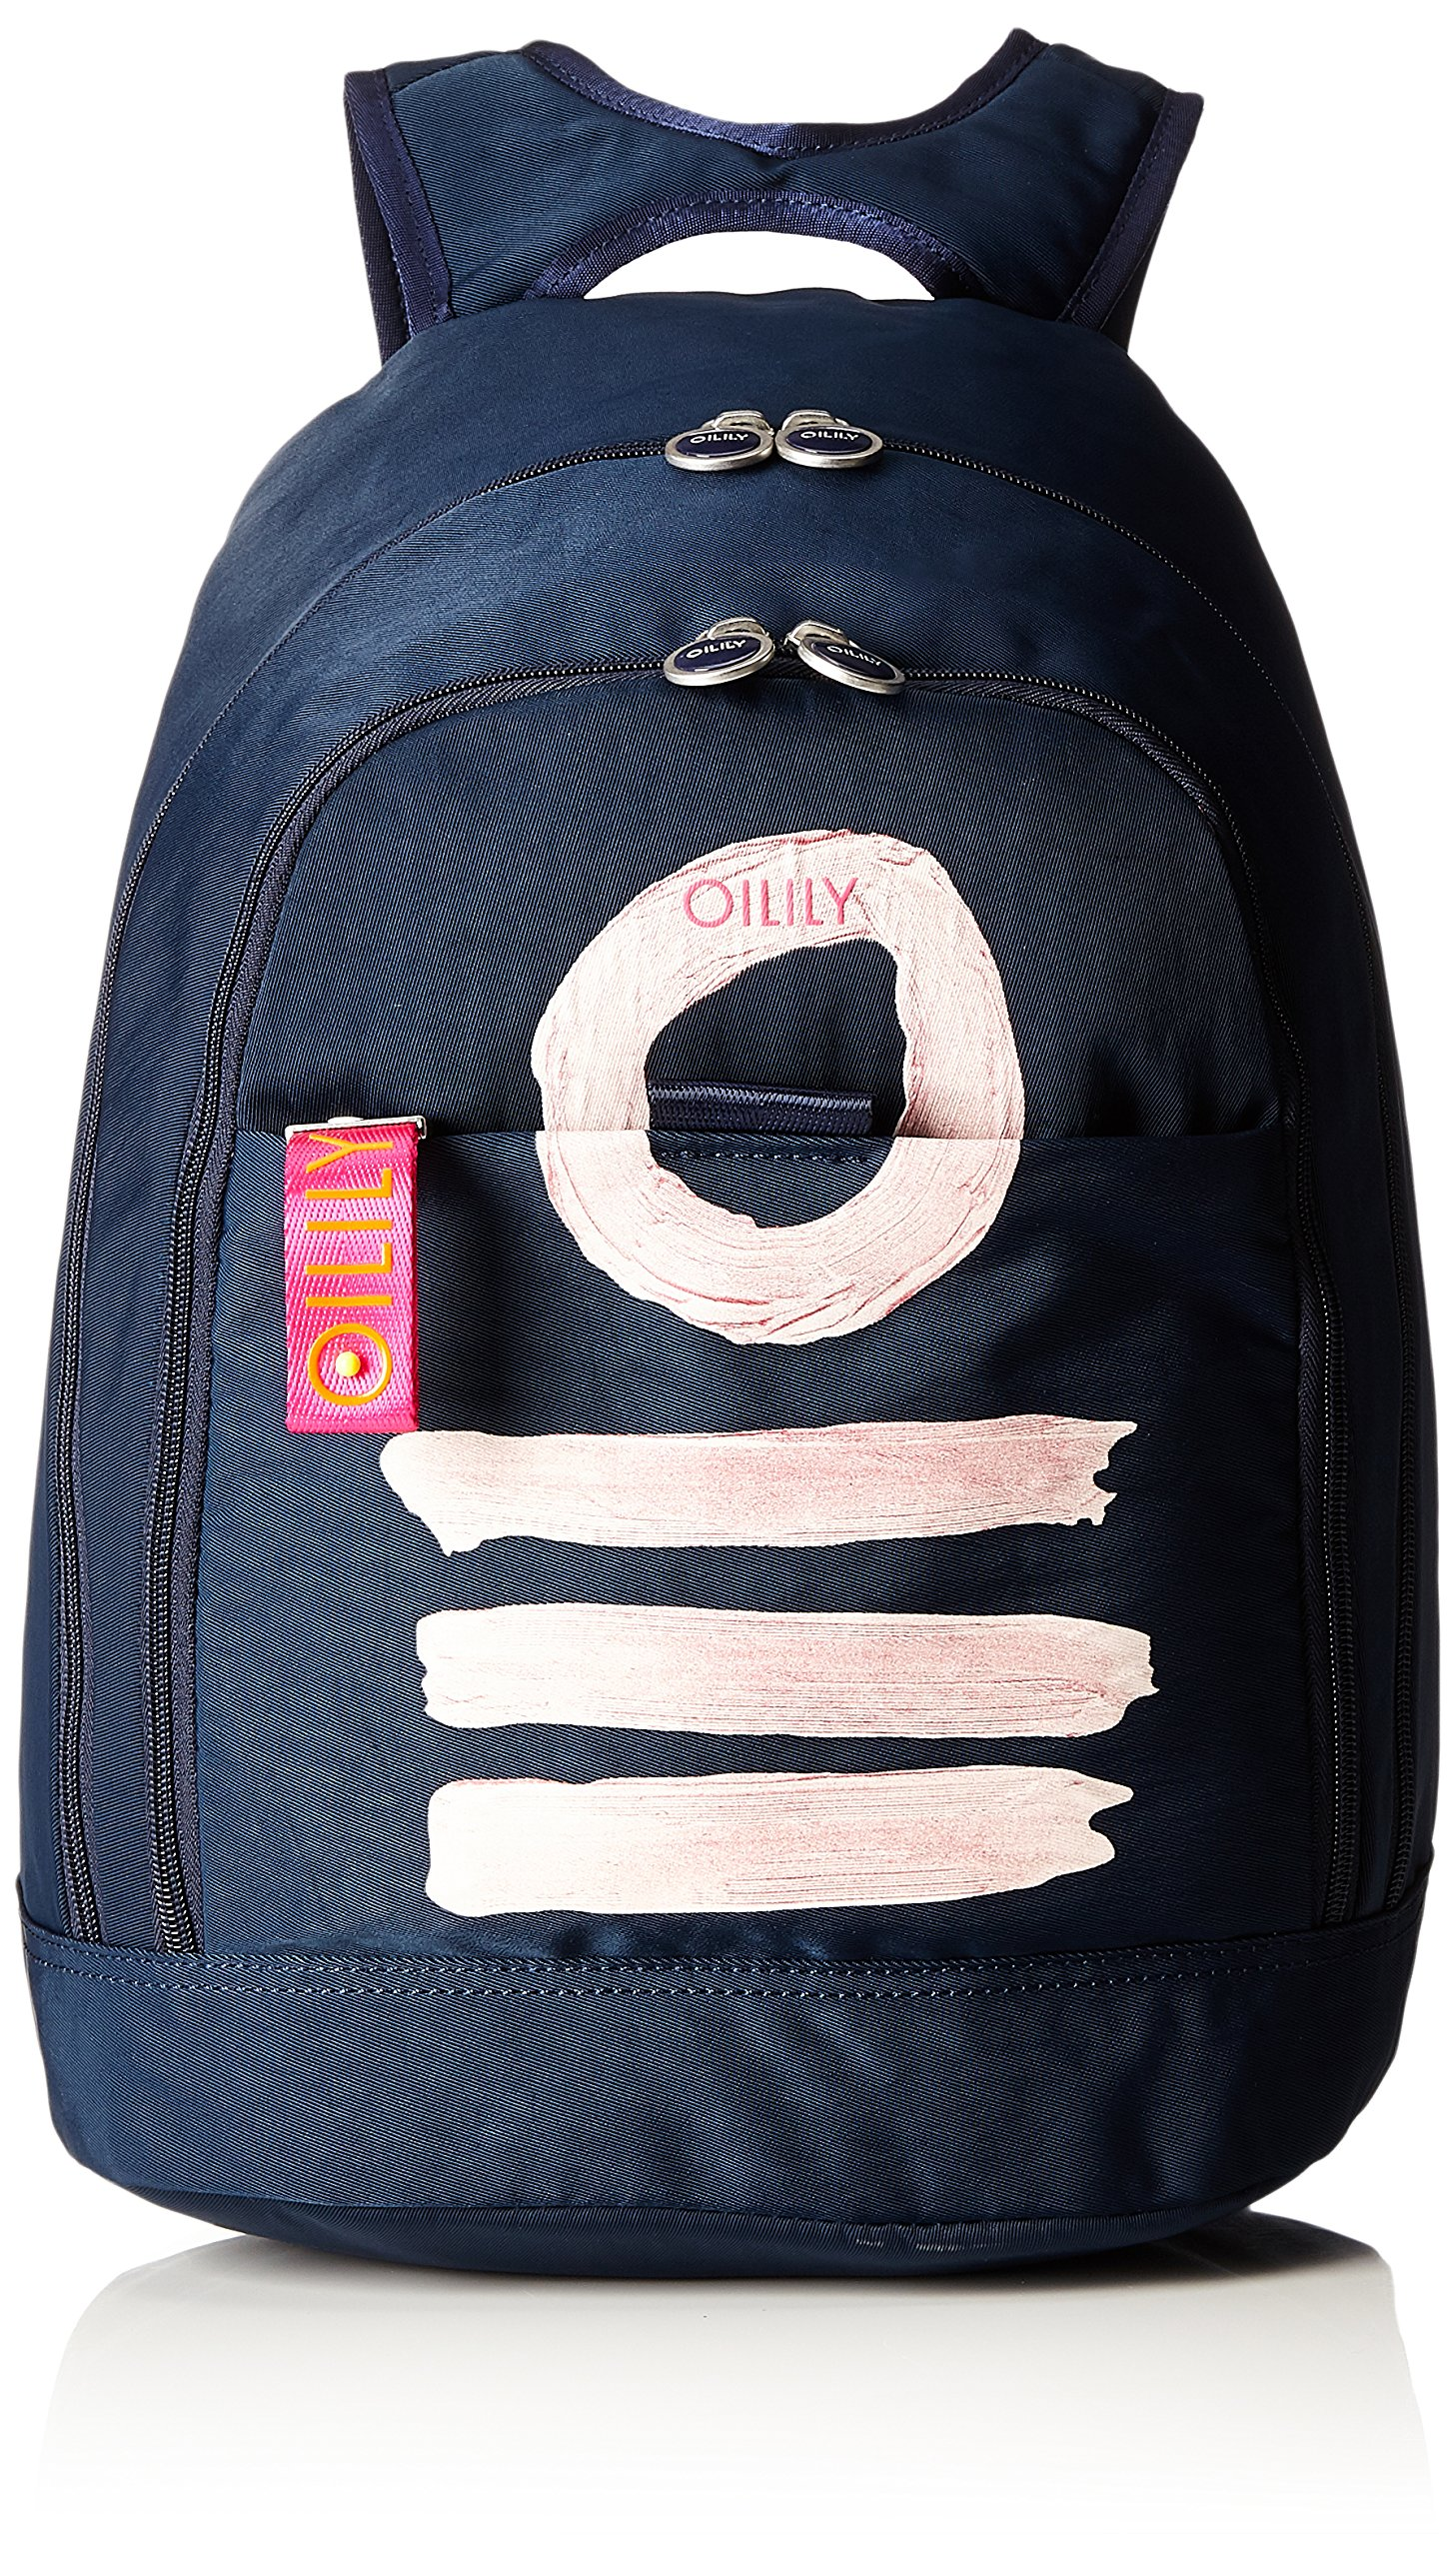 Nylon Fun X H Dos Blue21x45x30 Cmb Backpack T À FemmeBlaudark Oilily LvzSacs cA3jLq54R